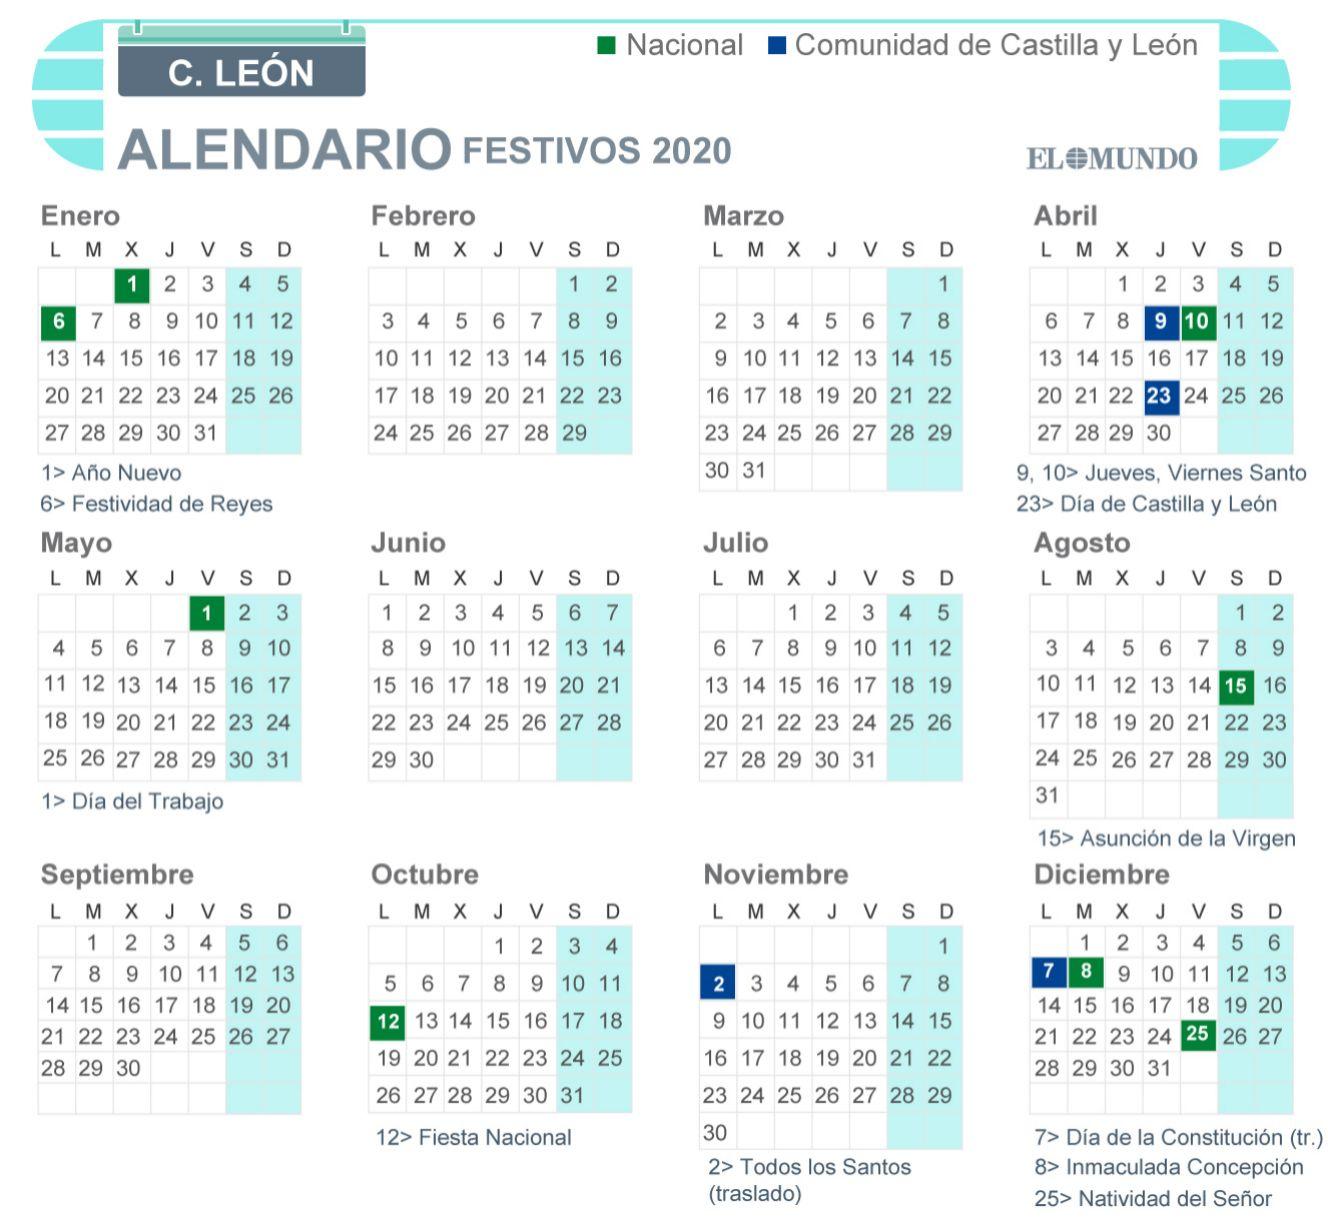 Calendario de Castilla y León 2020